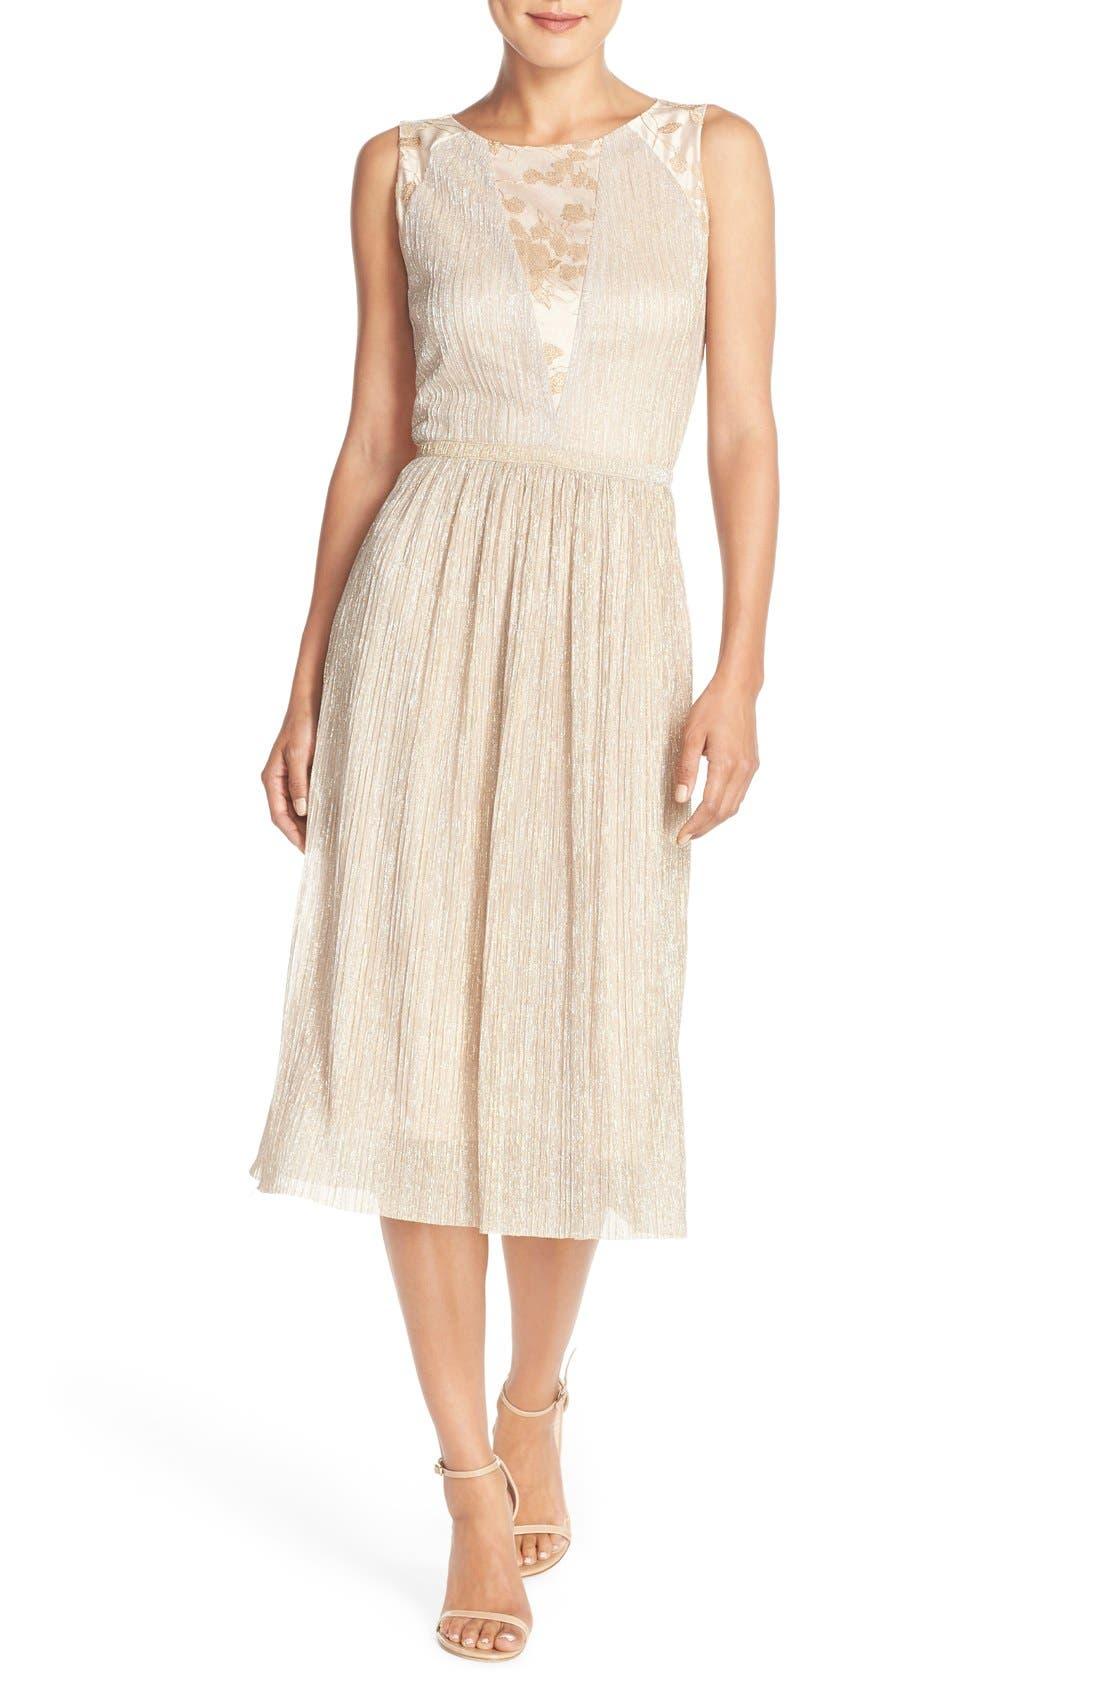 Alternate Image 1 Selected - Tahari Pleated Metallic Jacquard Illusion Midi Dress